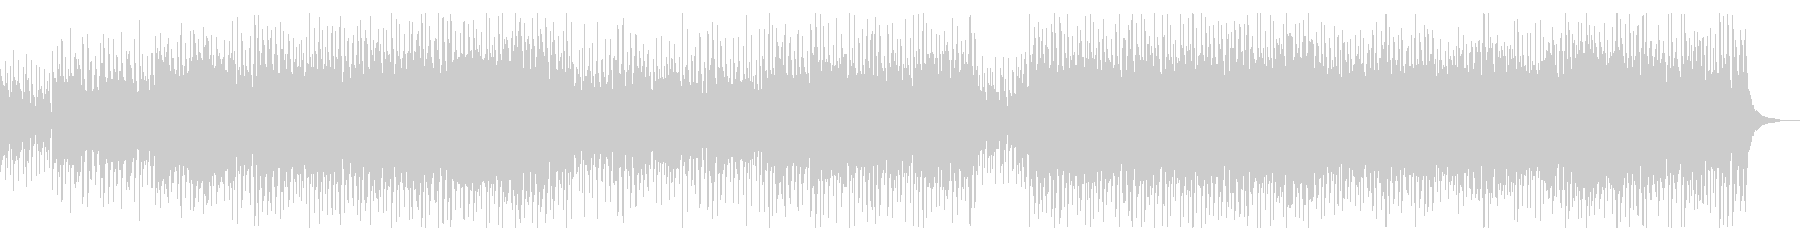 疾走感ポップオーケストラの未再生の波形